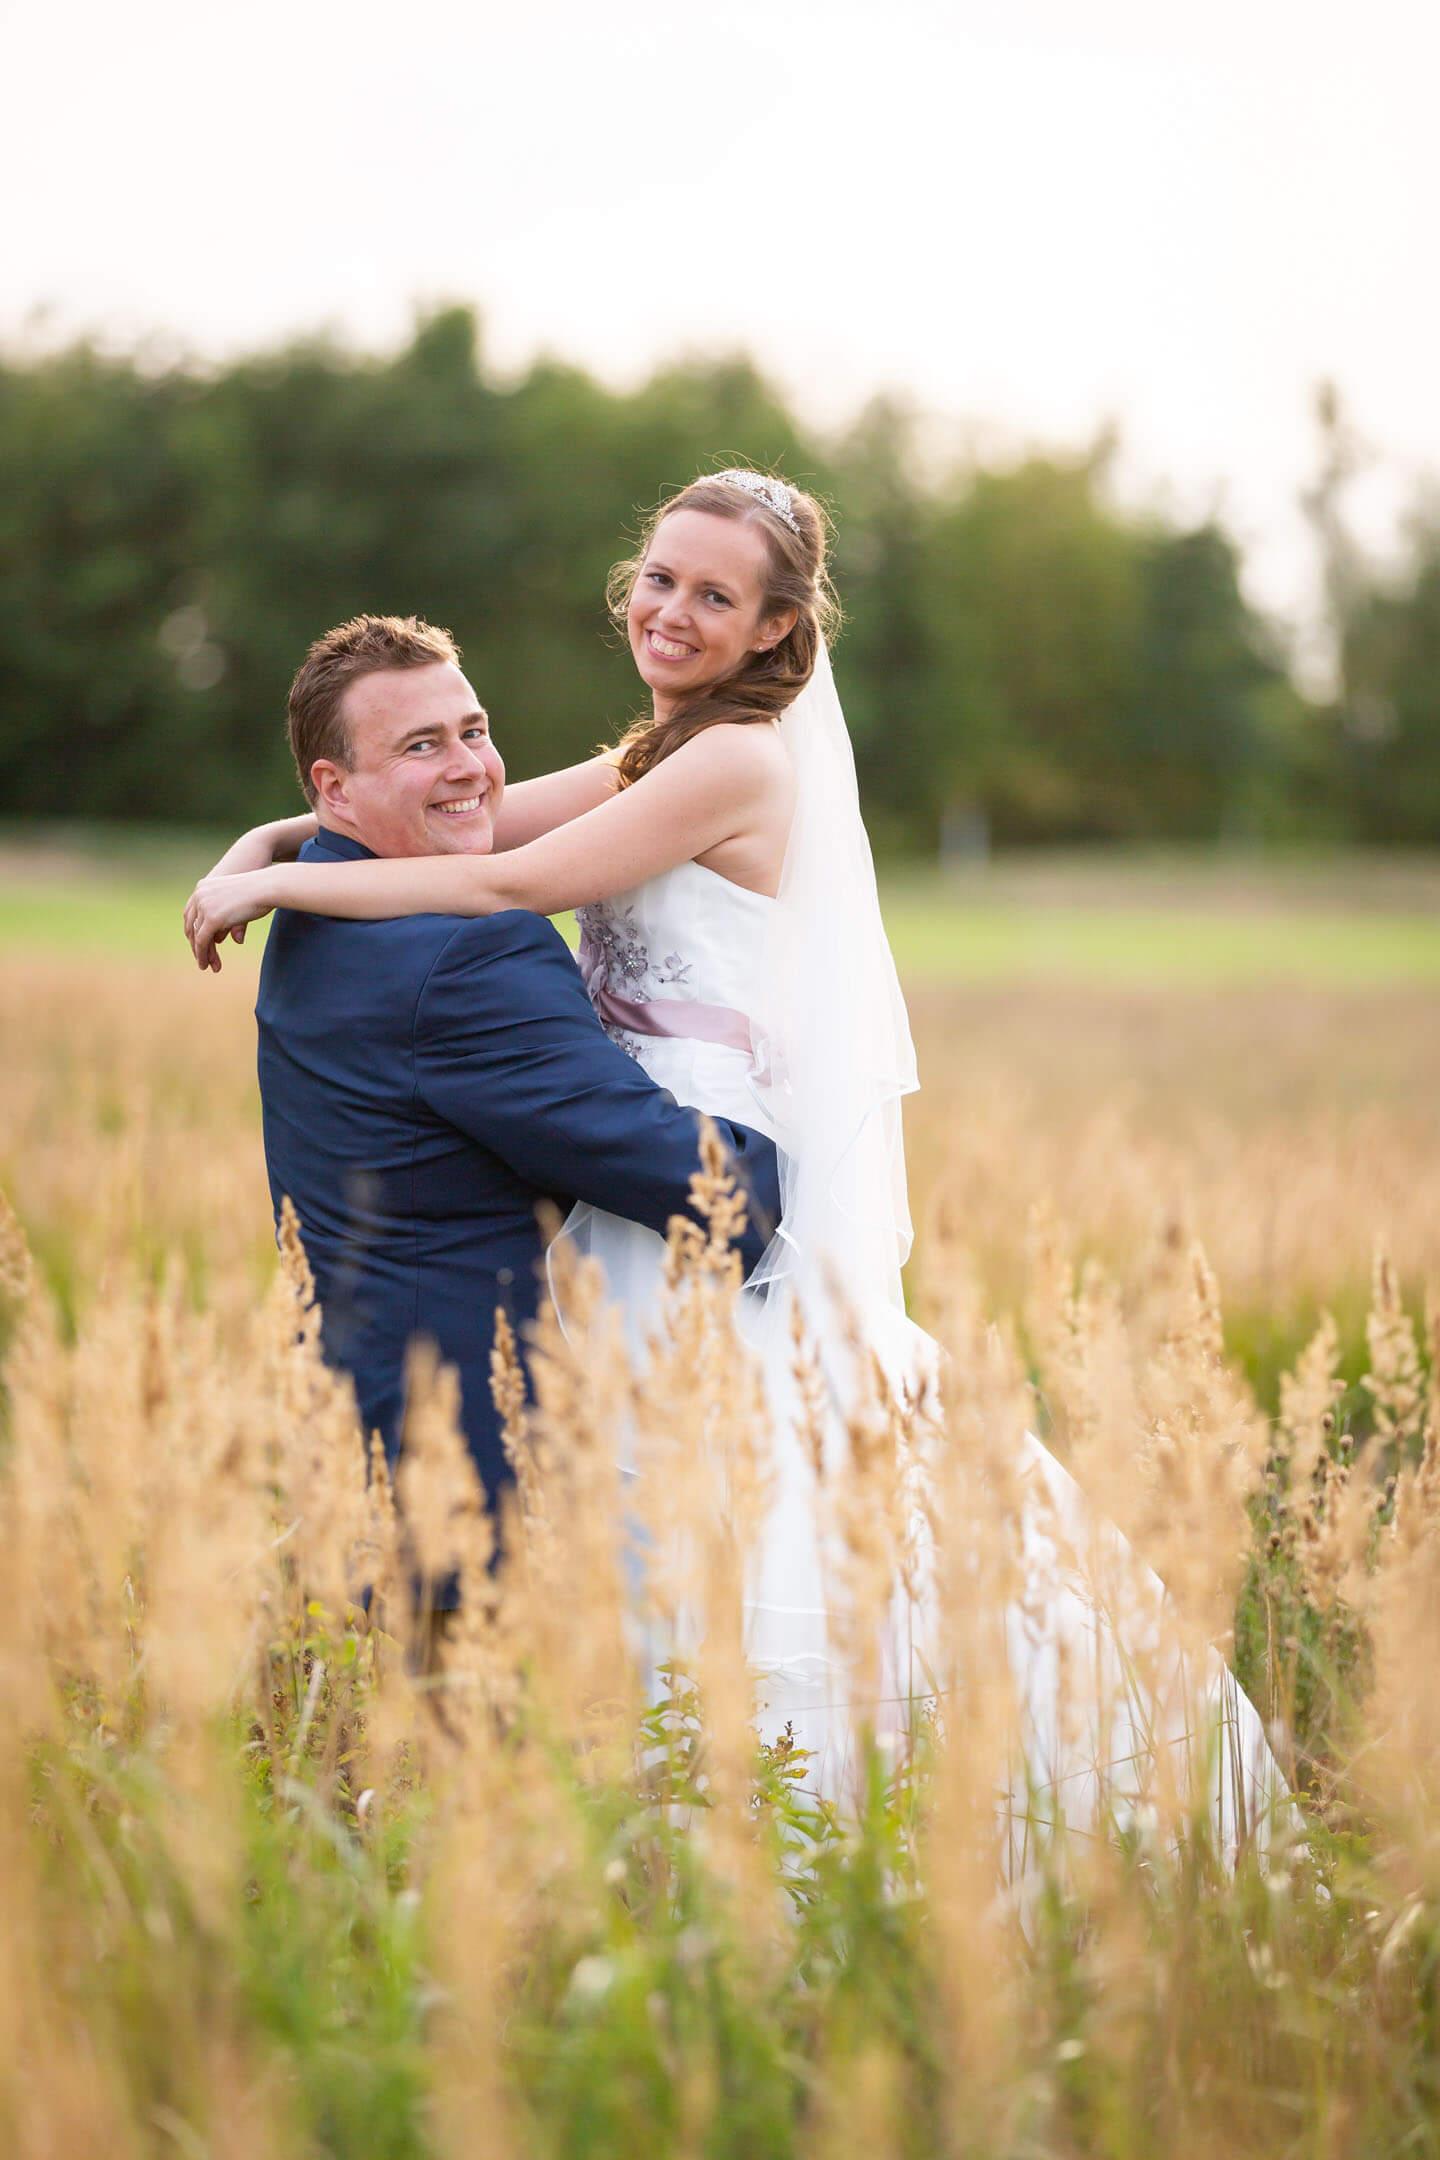 Hochzeitsshooting im Grünen. Mann hebt seine Frau hoch.